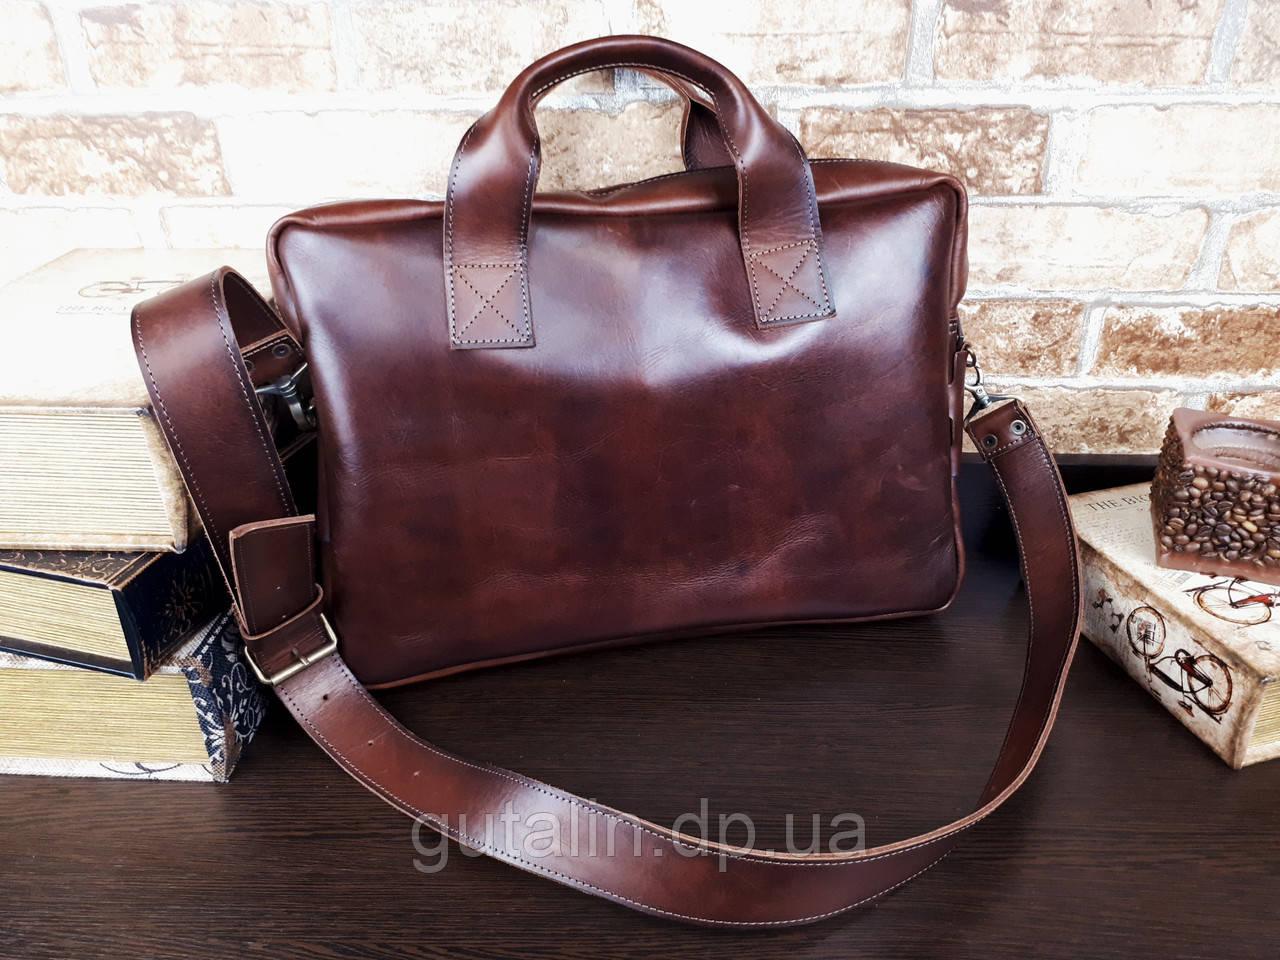 f03448a15f72 Мужская сумка ручной работы из натуральной кожи Офисная Италия цвет  коричневый - Магазин и мастерская